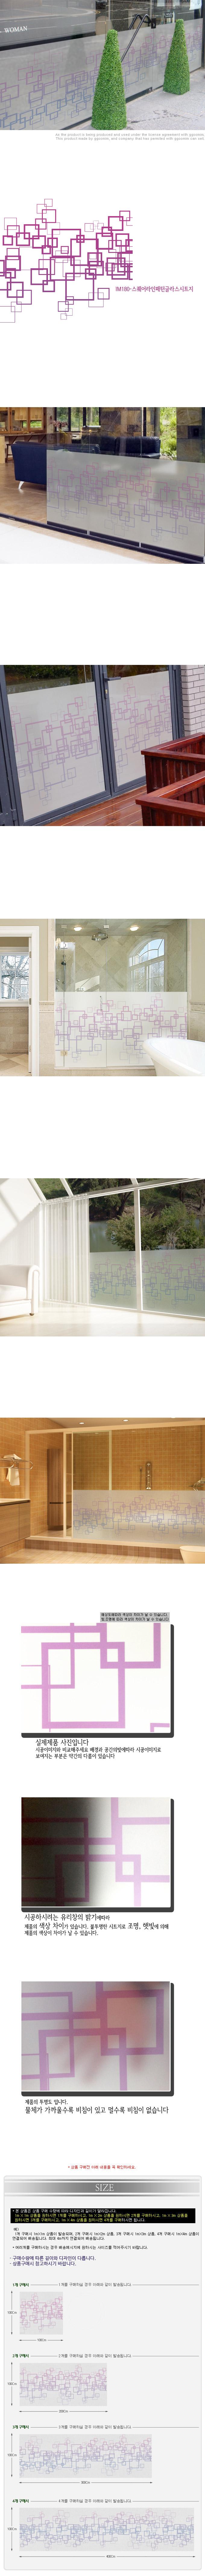 im180_m-무점착유리시트_스퀘어라인패턴글라스시트지 - 꾸밈, 17,600원, 벽지/시트지, 디자인 시트지